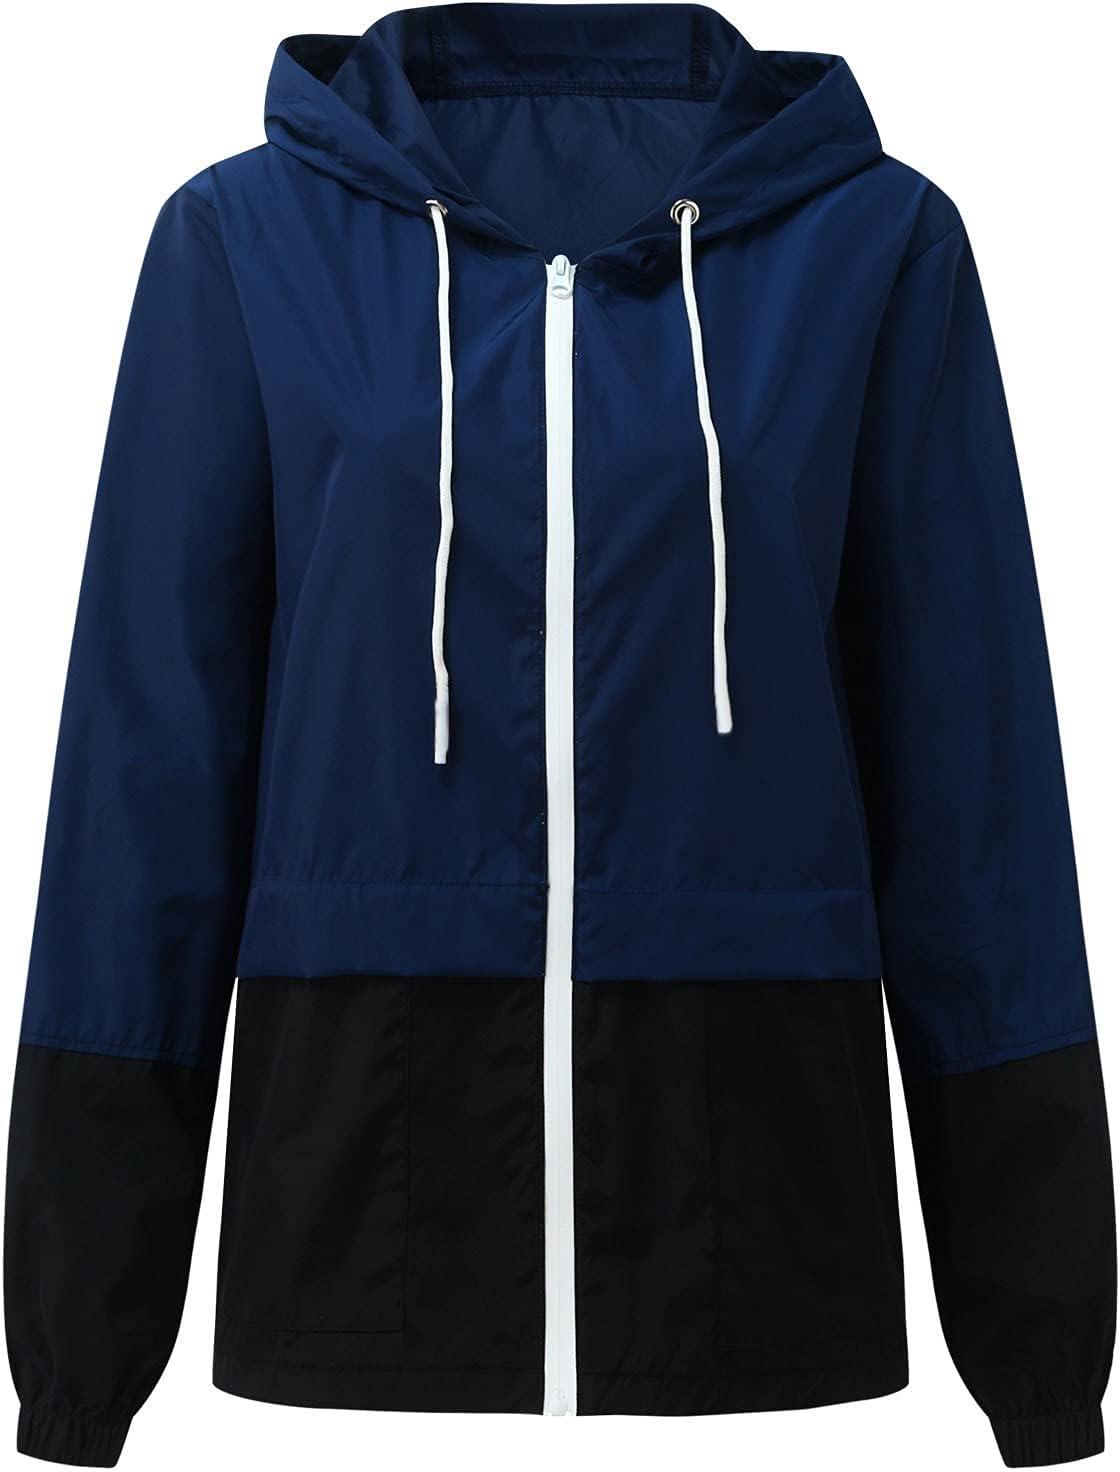 Women's Waterproof Rain Jacket Color Block Lightweight Outdoor Hooded Windbreaker Packable Active Outdoor Raincoat (Navy, Medium)